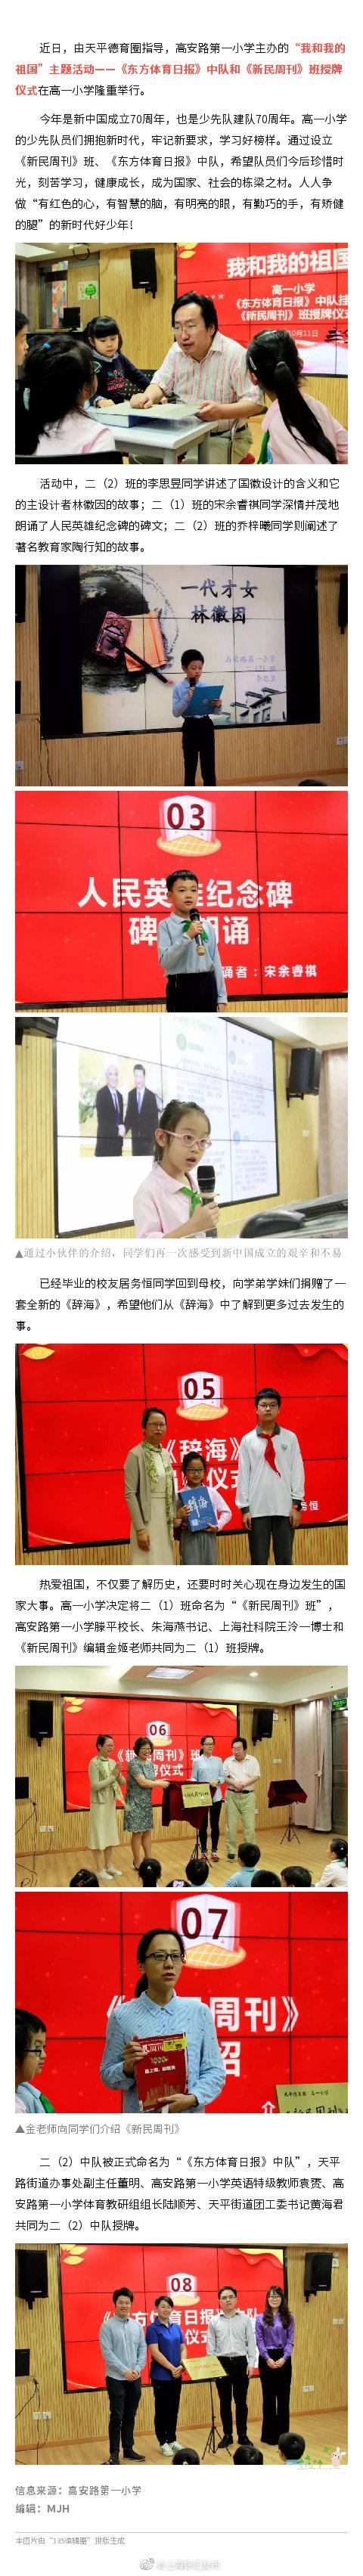 未成年人 | 高安路第一小学《东方体育日报》中队及《新民周刊》班授